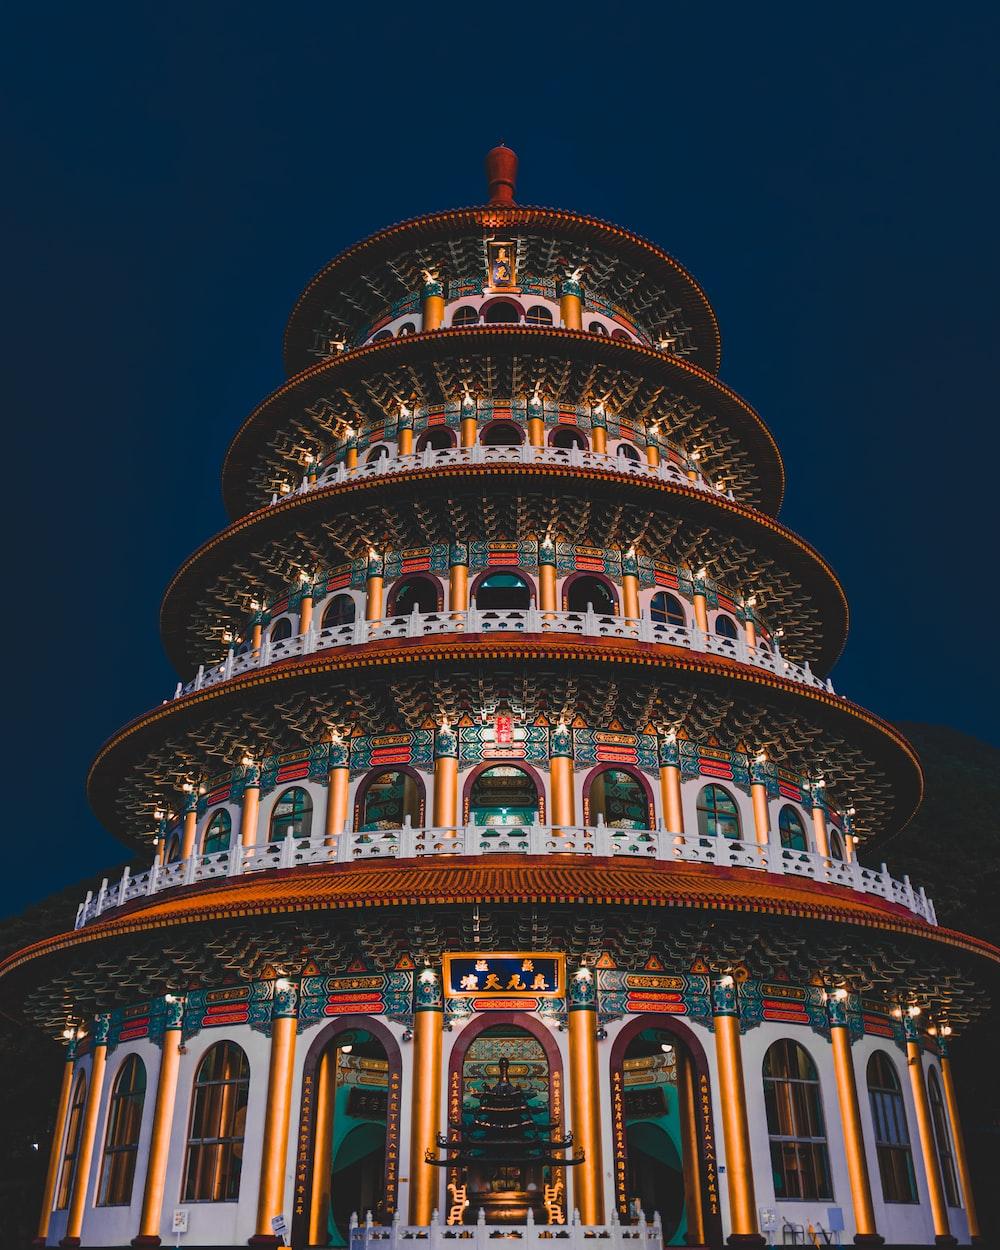 multicolored 5-tier pagoda building